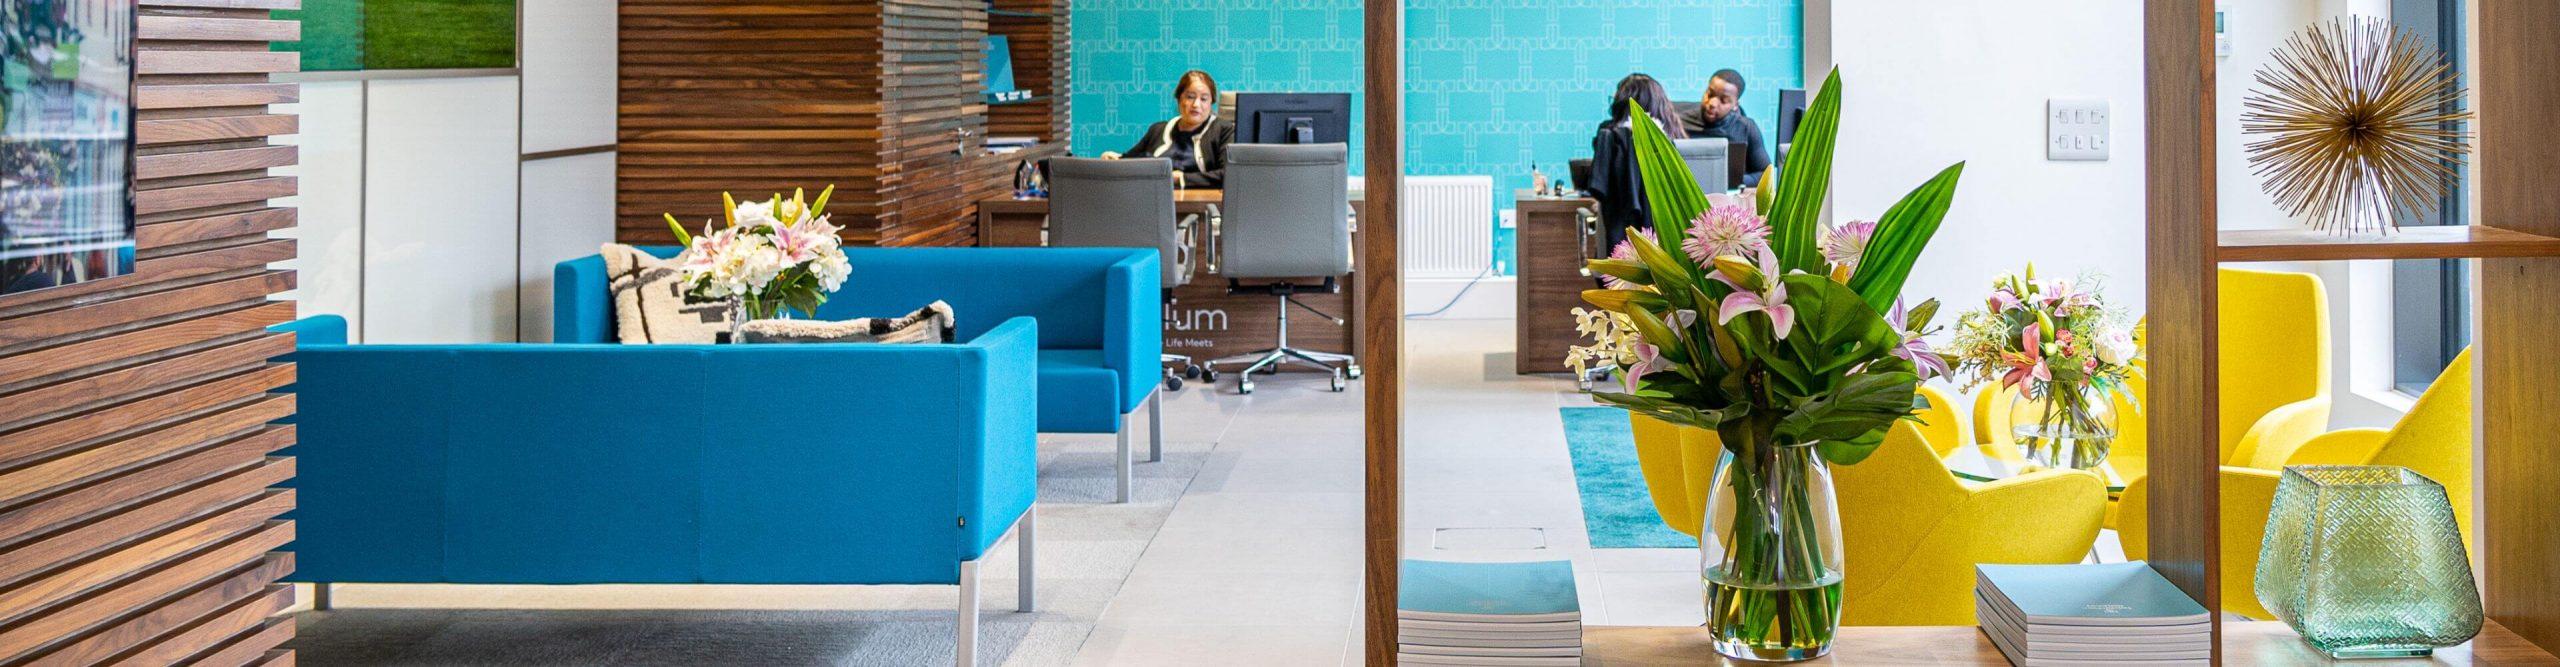 Solum Workspace